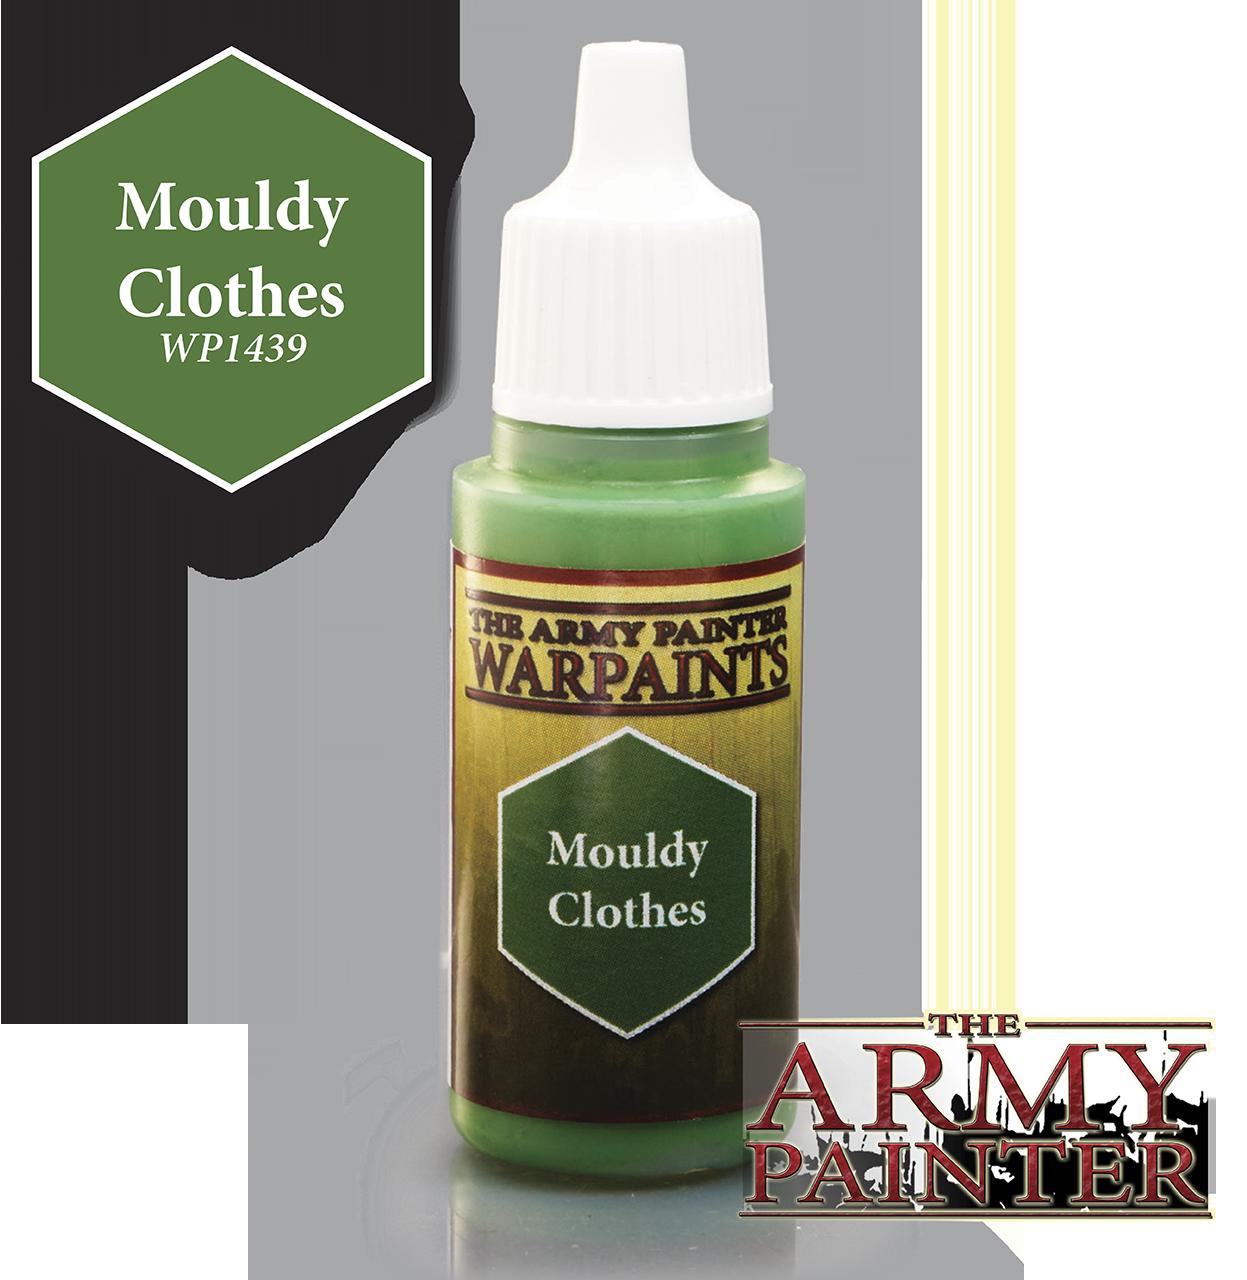 Mouldy Clothes - Army Painter Warpaints